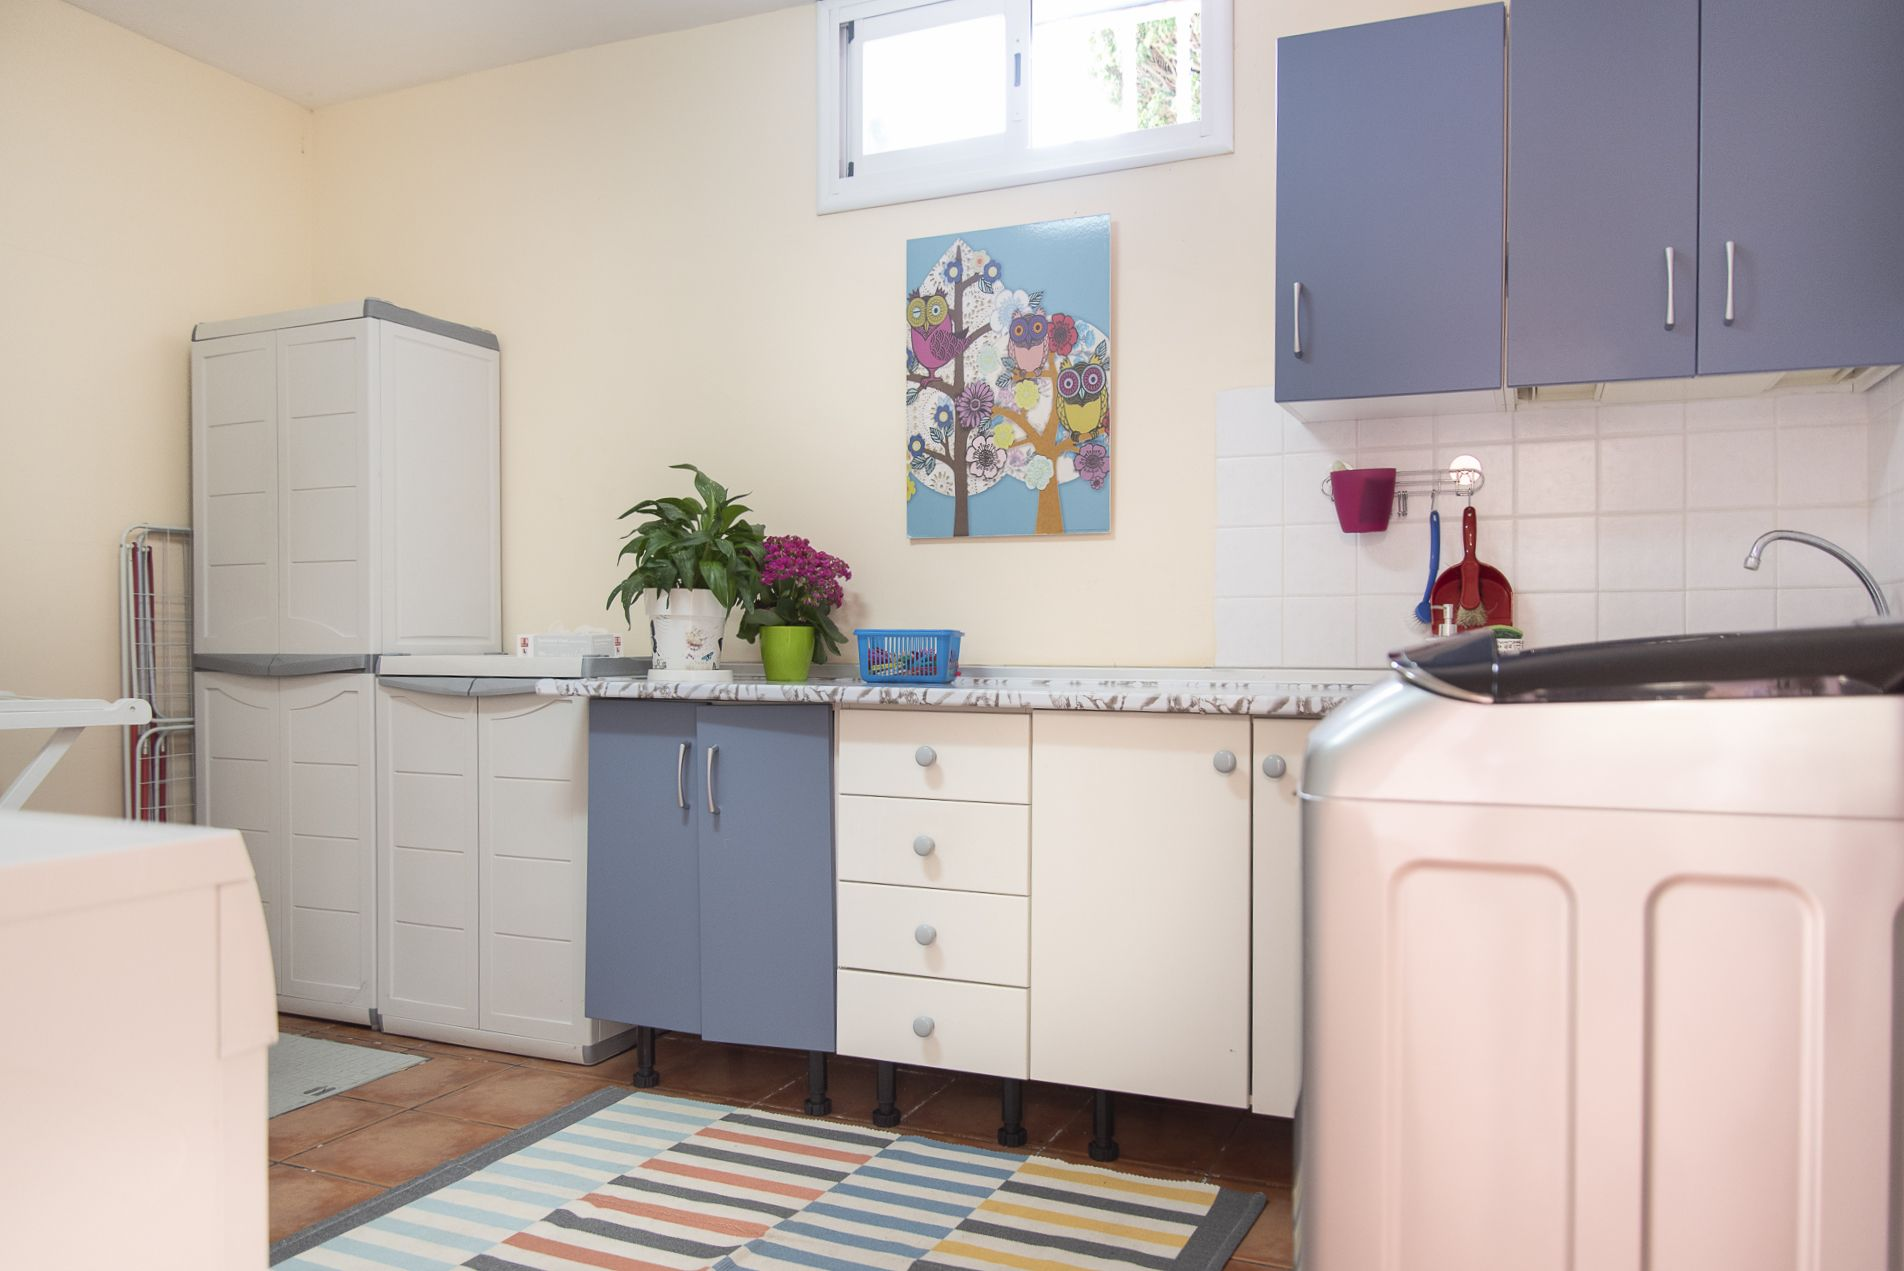 La Casa Azul - Tegueste. Lavandería y cocina